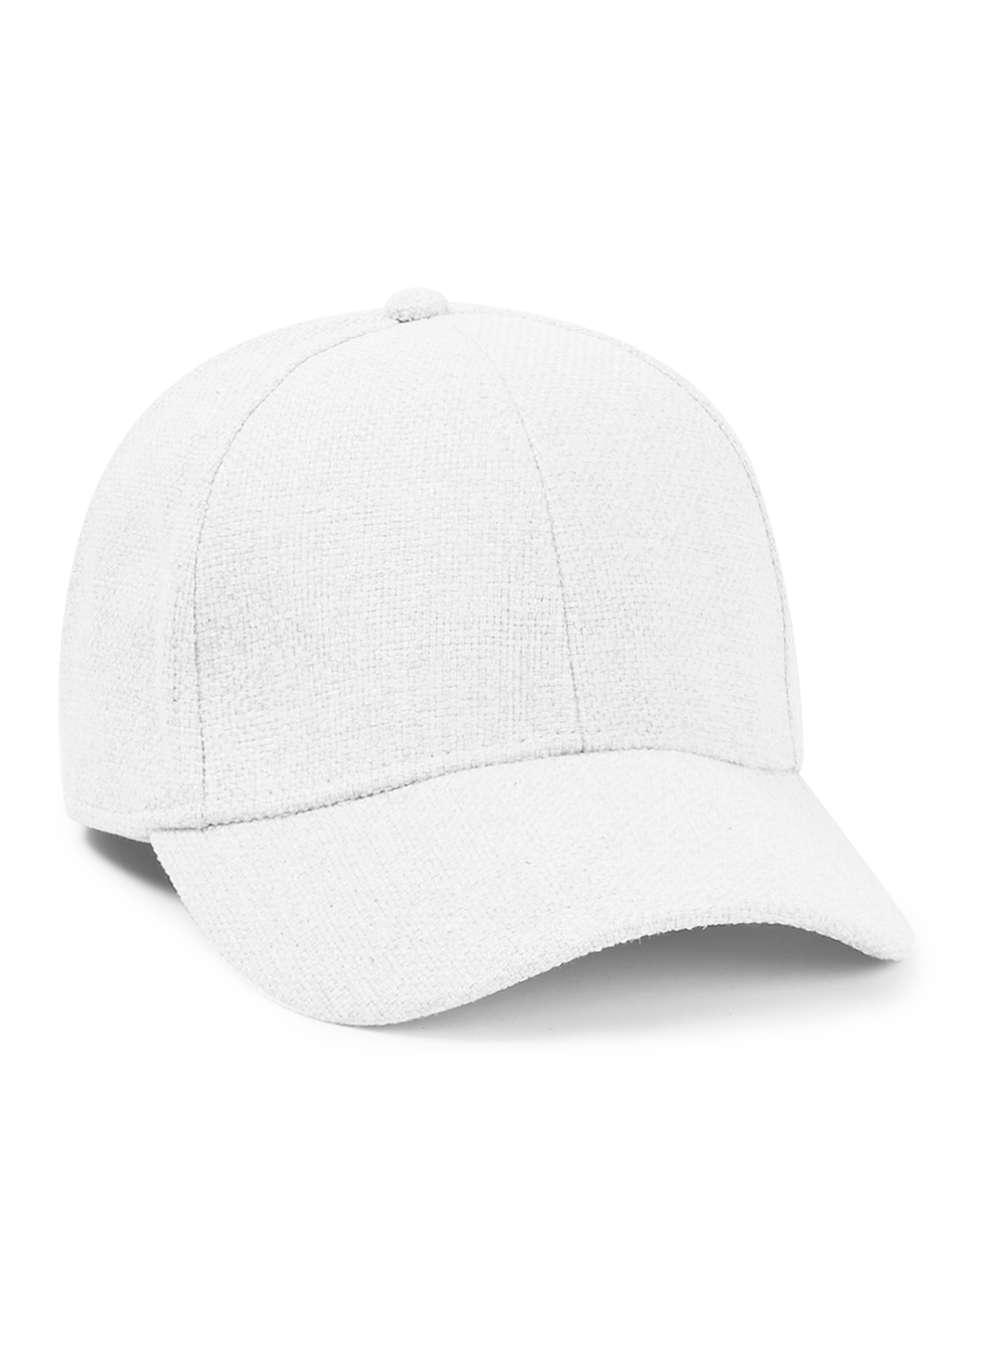 TOPMAN PREMIUM White Curved Peak Cap , £25